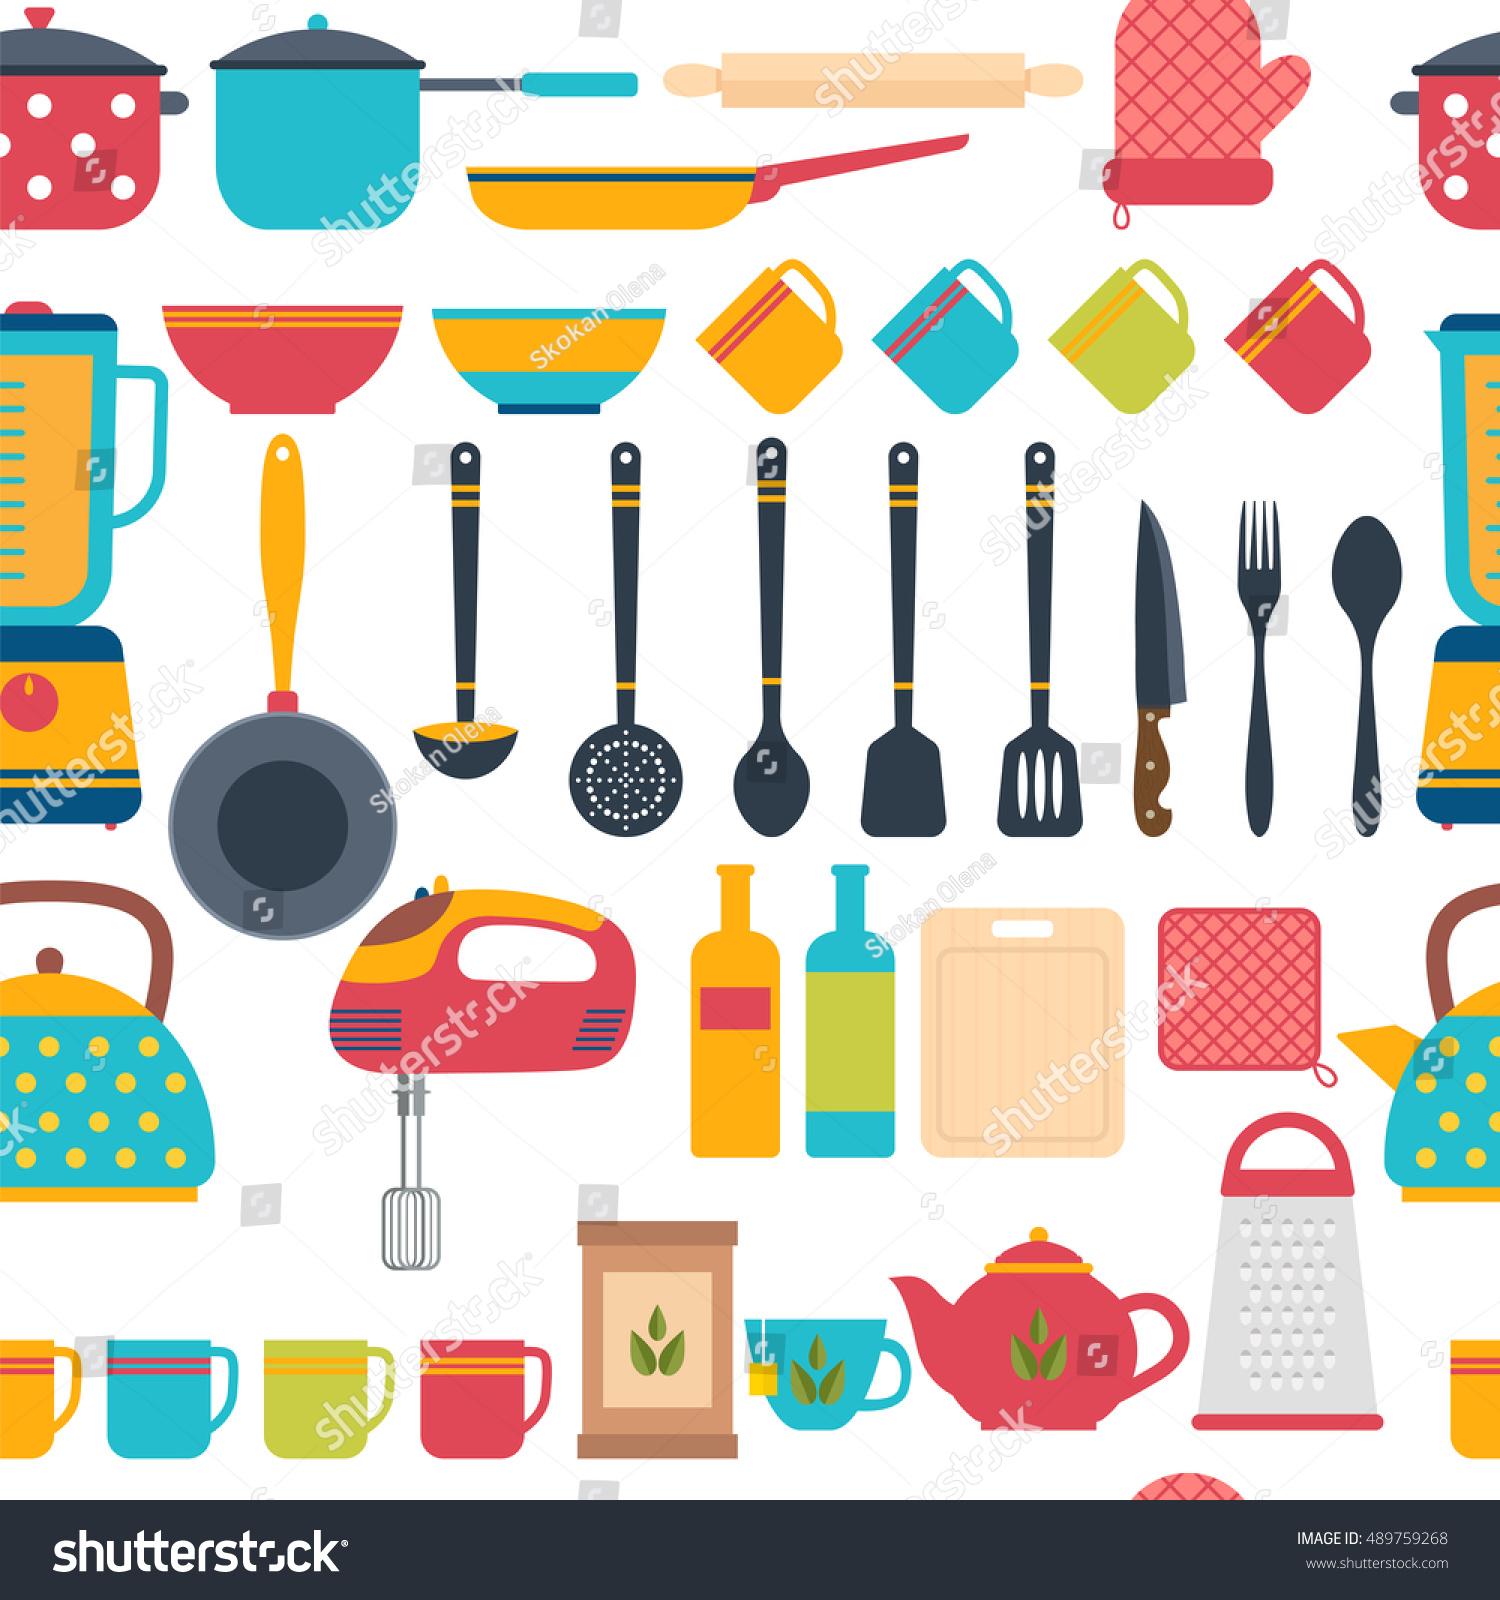 Kitchen Utensils Background: Cooking Utensils Background Seamless Pattern Kitchen Stock